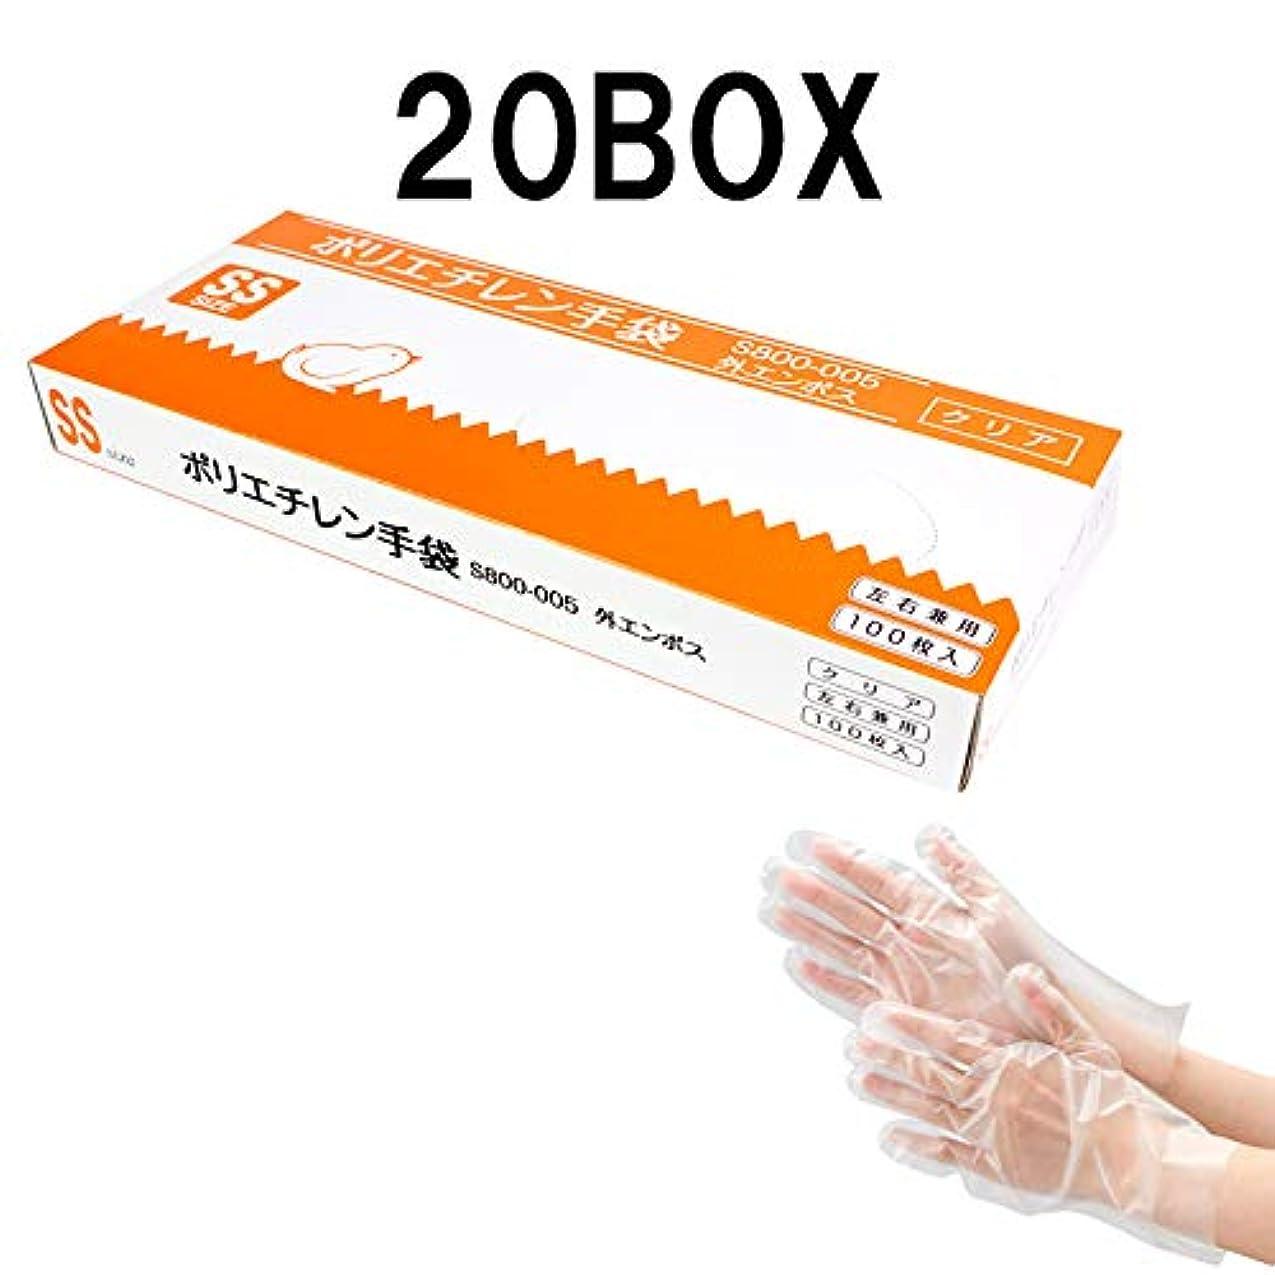 失業者背景検証(2000枚) 使い捨て ポリエチレン手袋 SSサイズ 100枚入り×20BOX クリア色 左右兼用 外エンボス 食品衛生法適合品